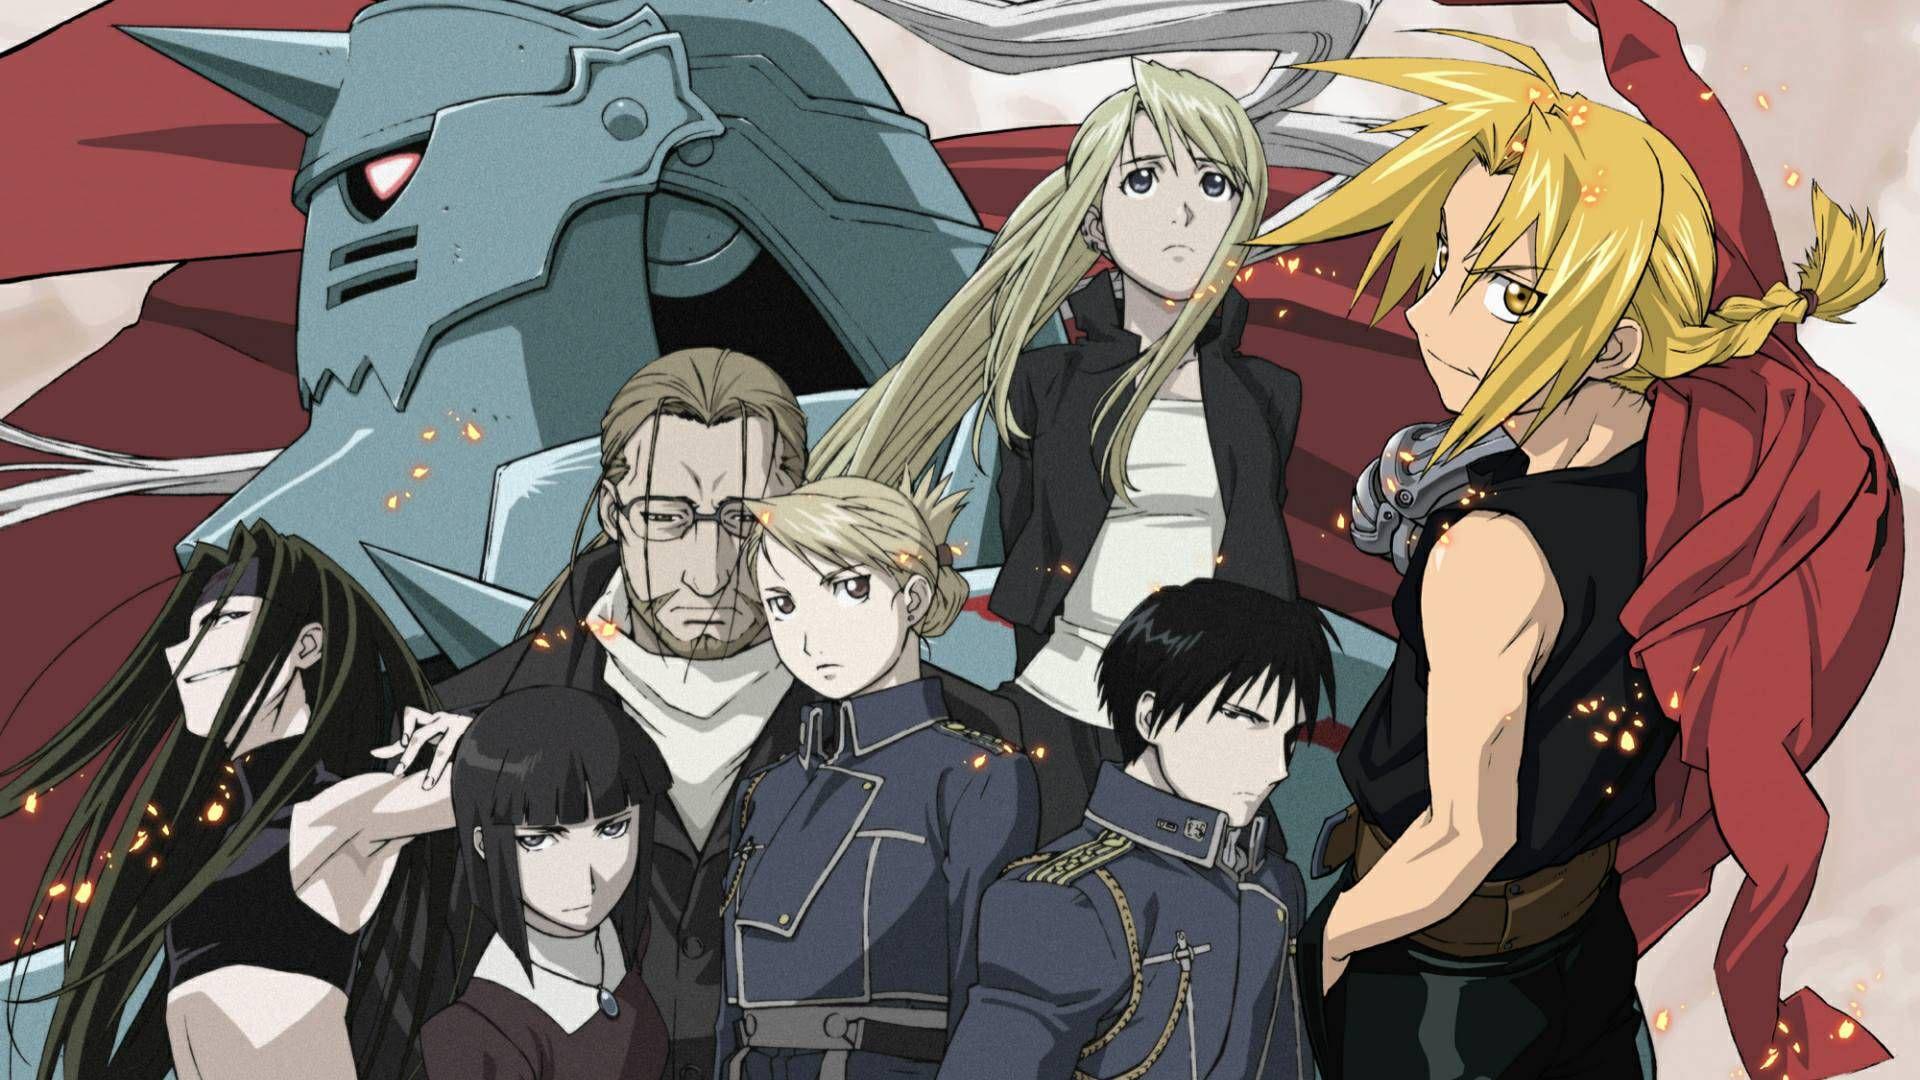 Top 10 phim hoạt hình anime Nhật Bản hay nhất 2017 không thể bỏ lỡ (3)